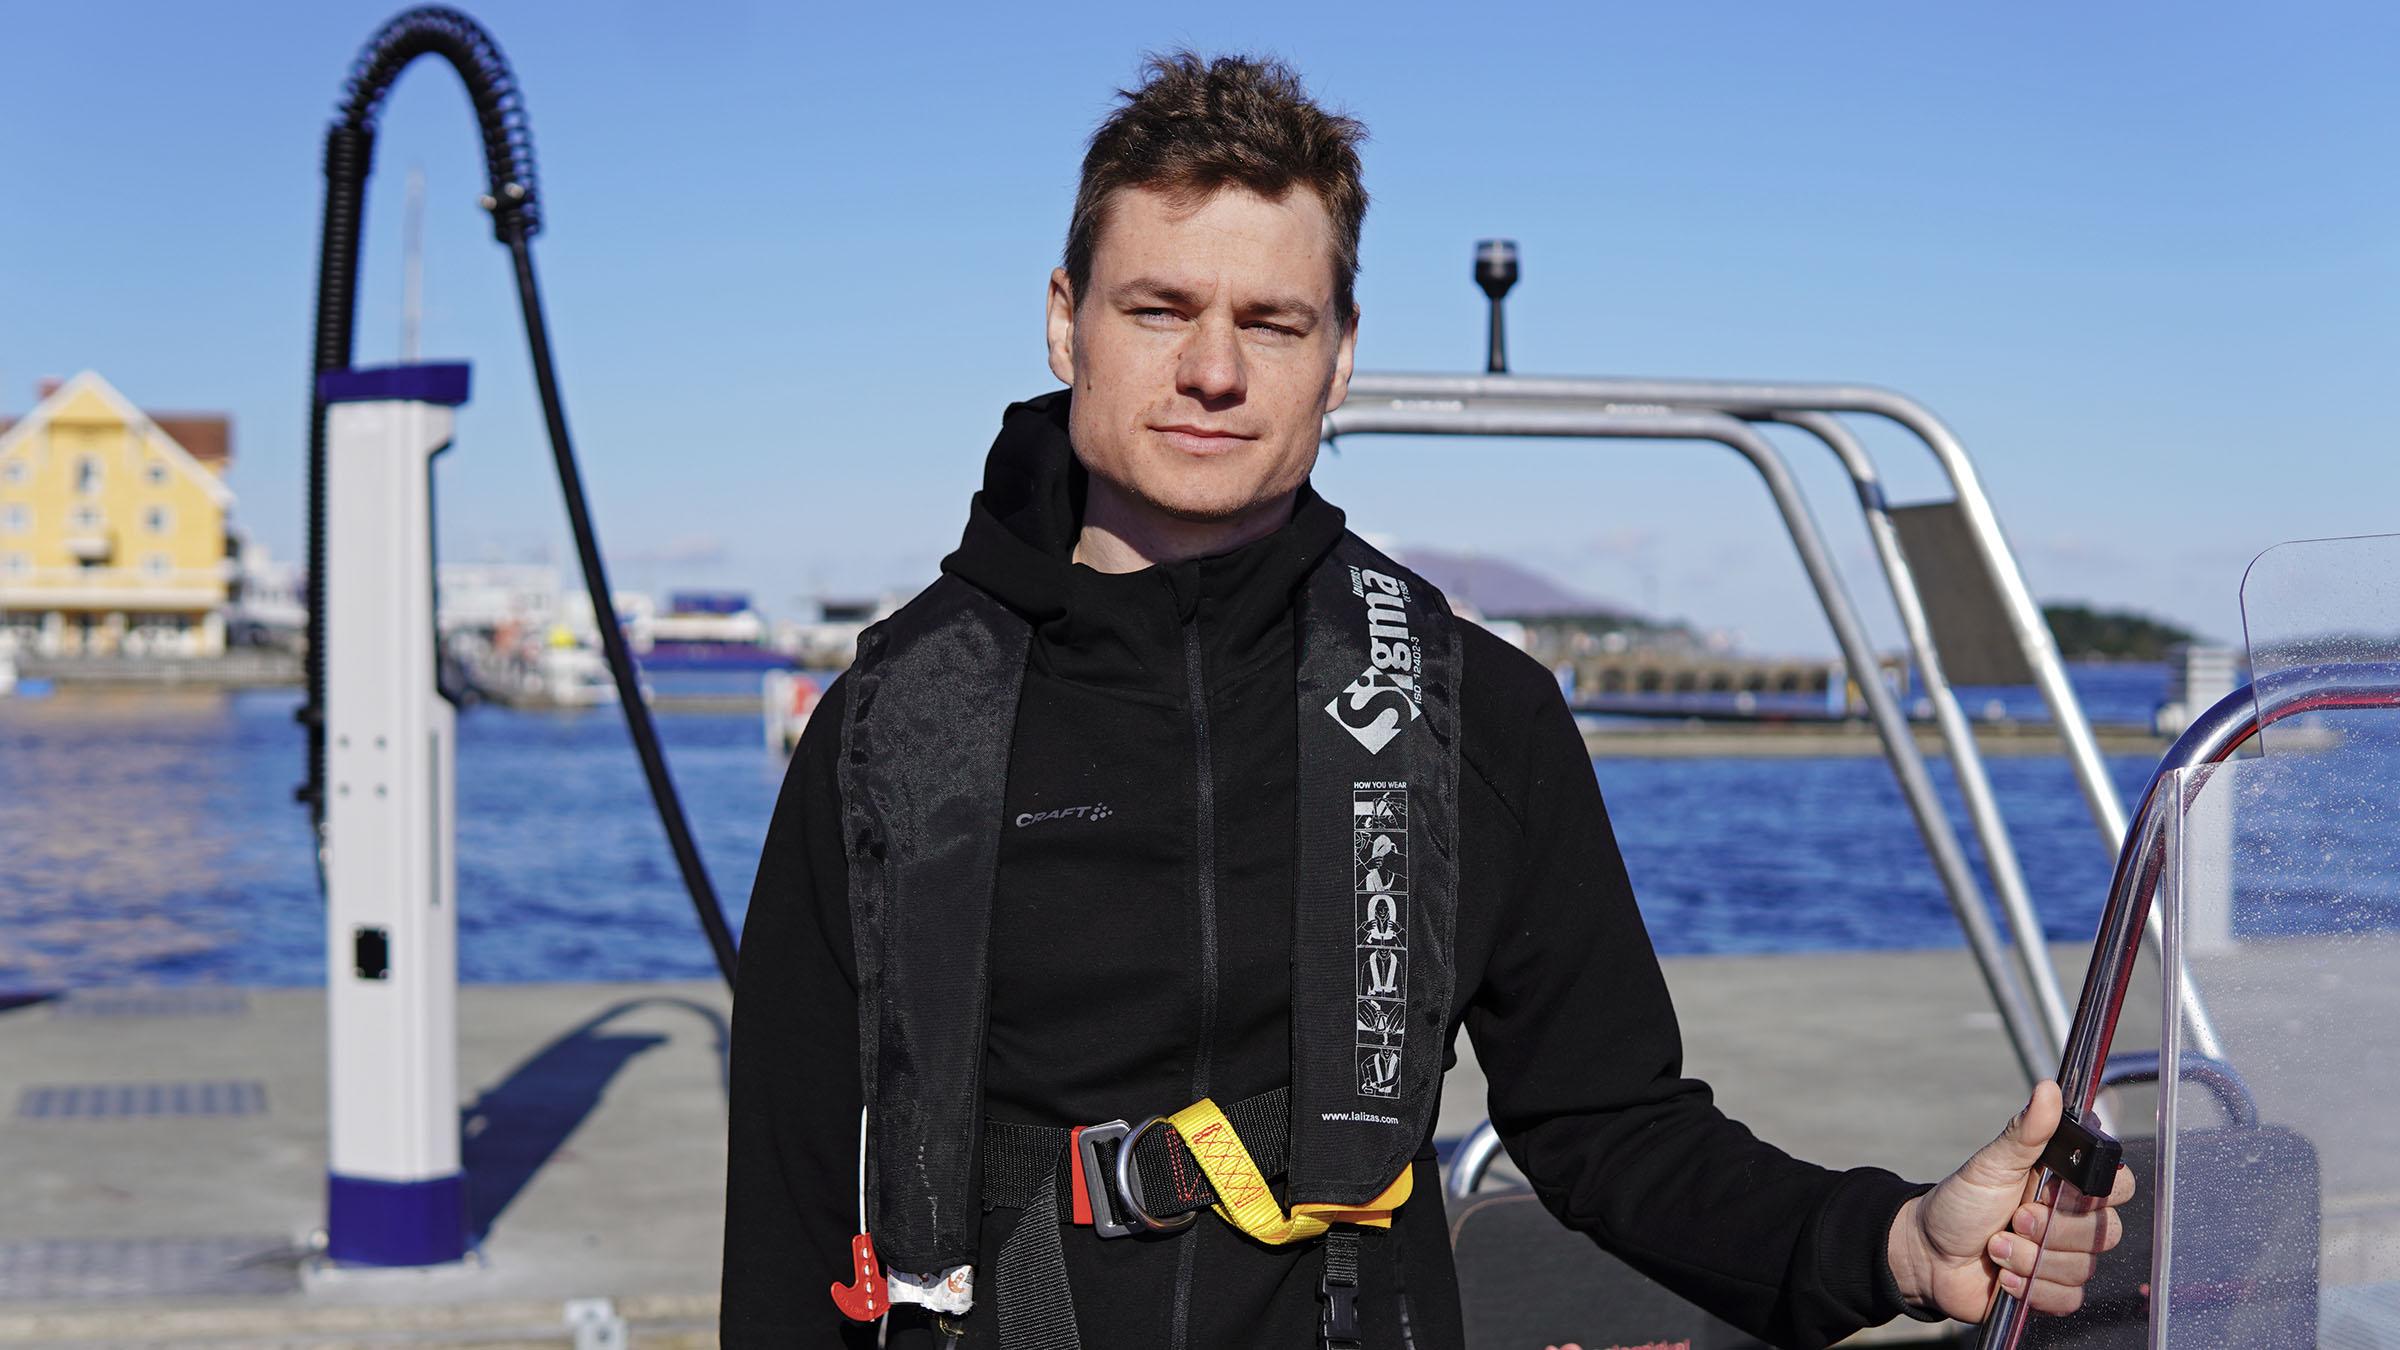 Marius Dyrseth CTO of Evoy